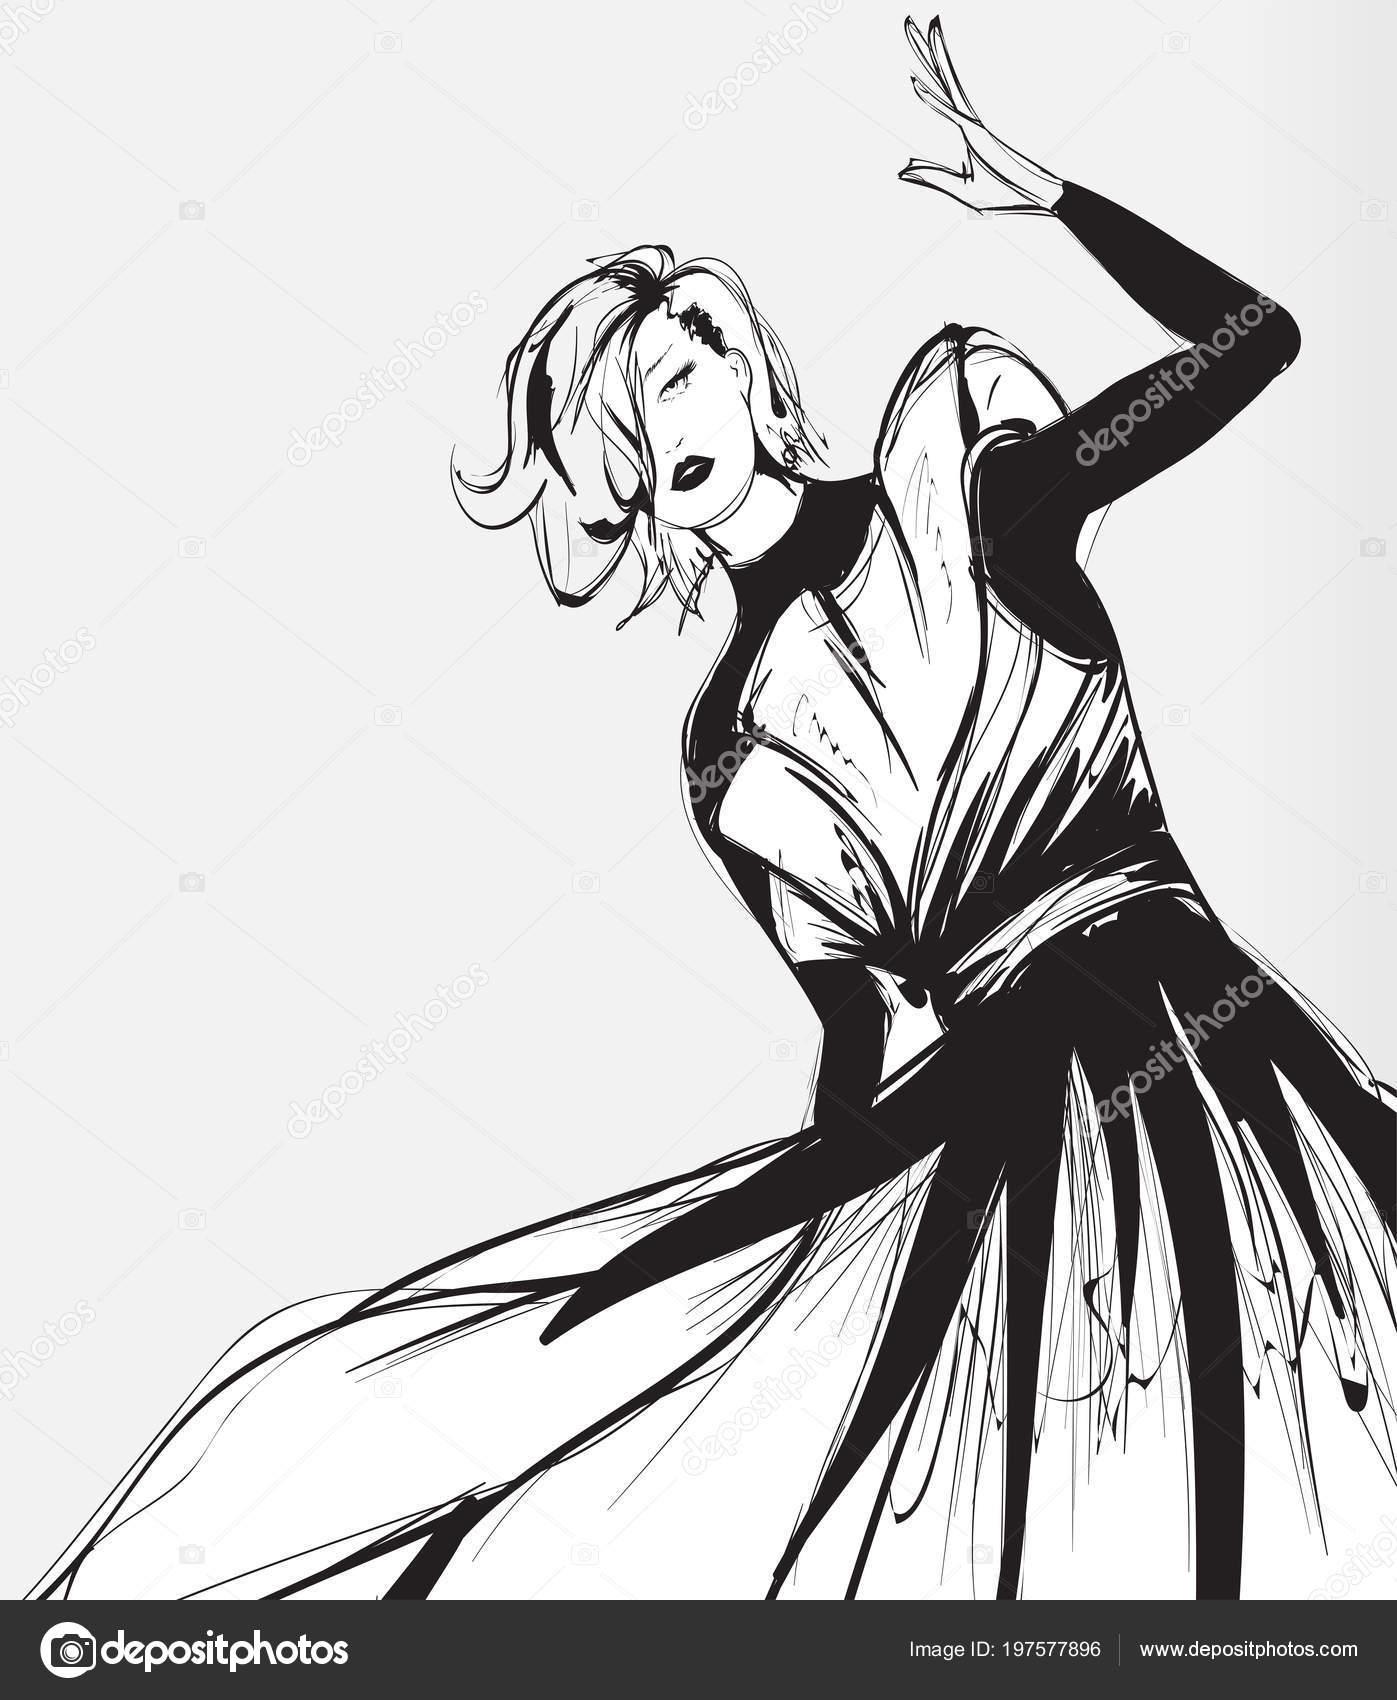 Schwarz Weiß Retro Mode Modell Stil Sketch Hand Gezeichnet Vektor